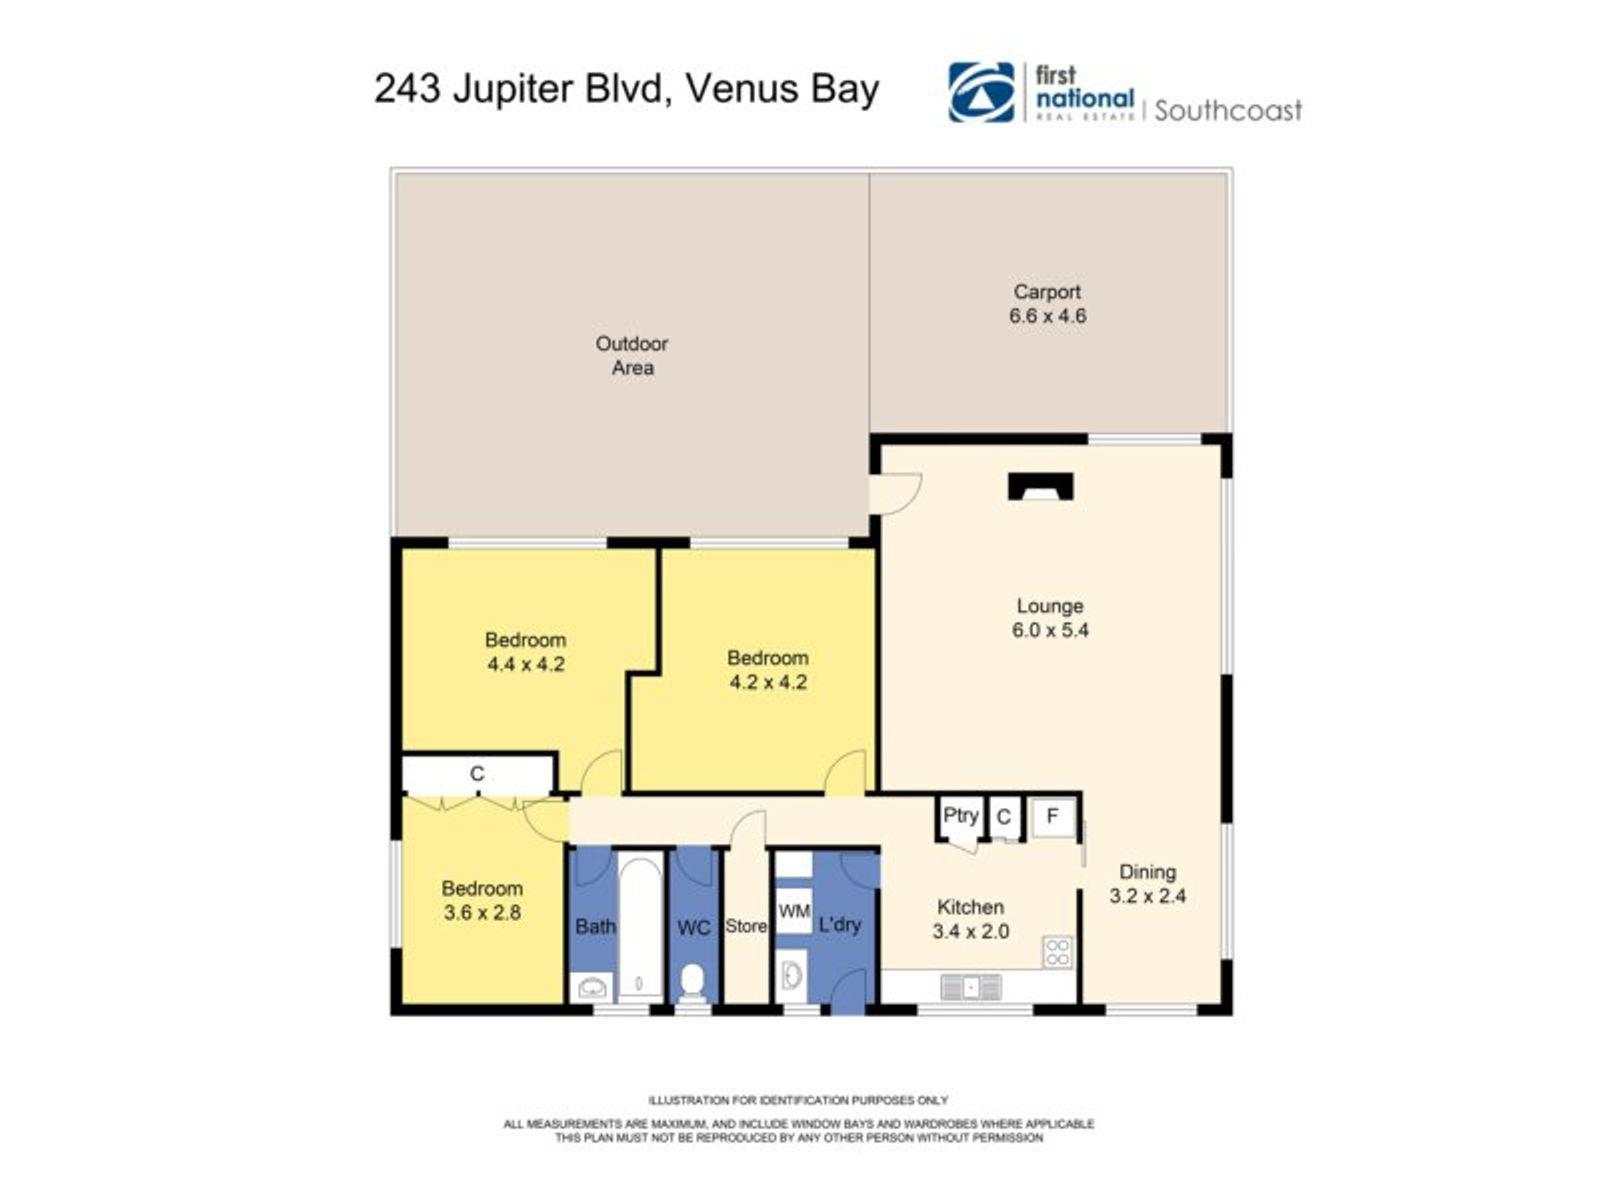 243 Jupiter Boulevard, Venus Bay, VIC 3956